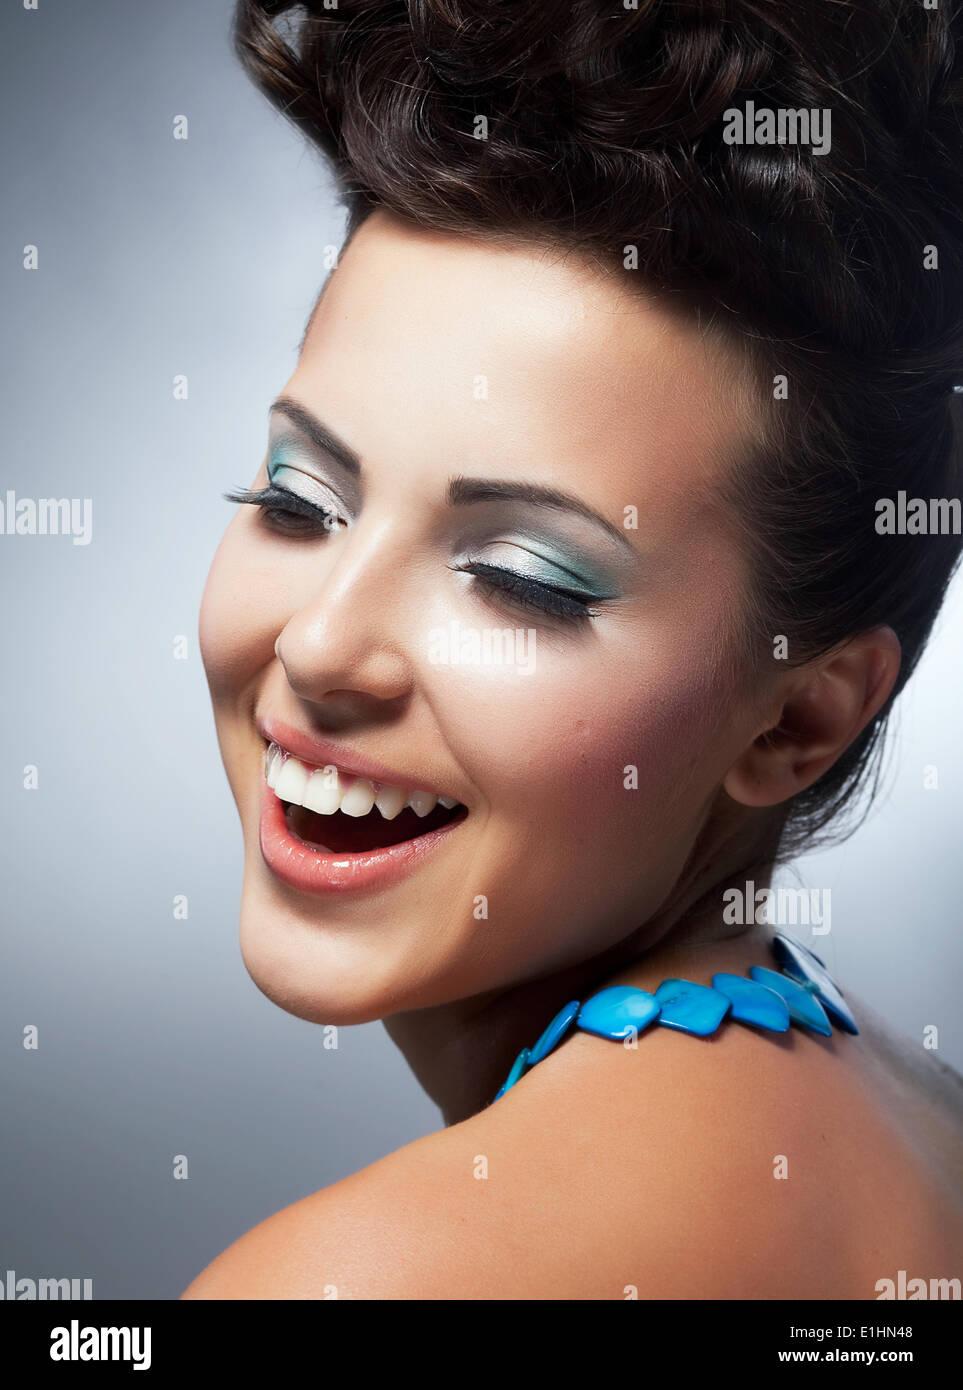 La Félicité. Jouissance. Cheerful Woman's face au sourire heureux. Bonheur & Felicity Photo Stock